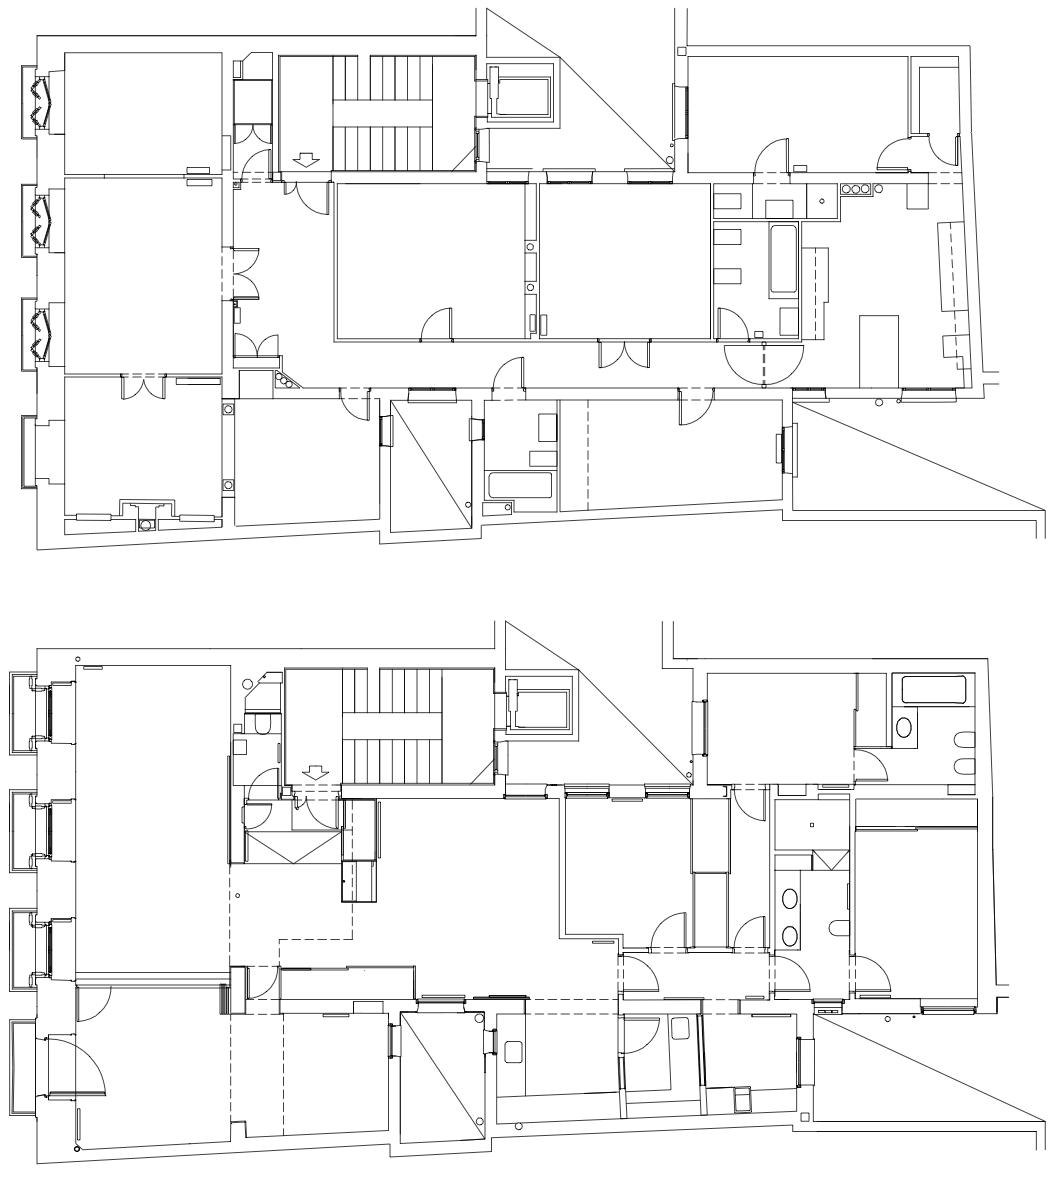 Reforma interior de un piso | Imagen de proyecto11